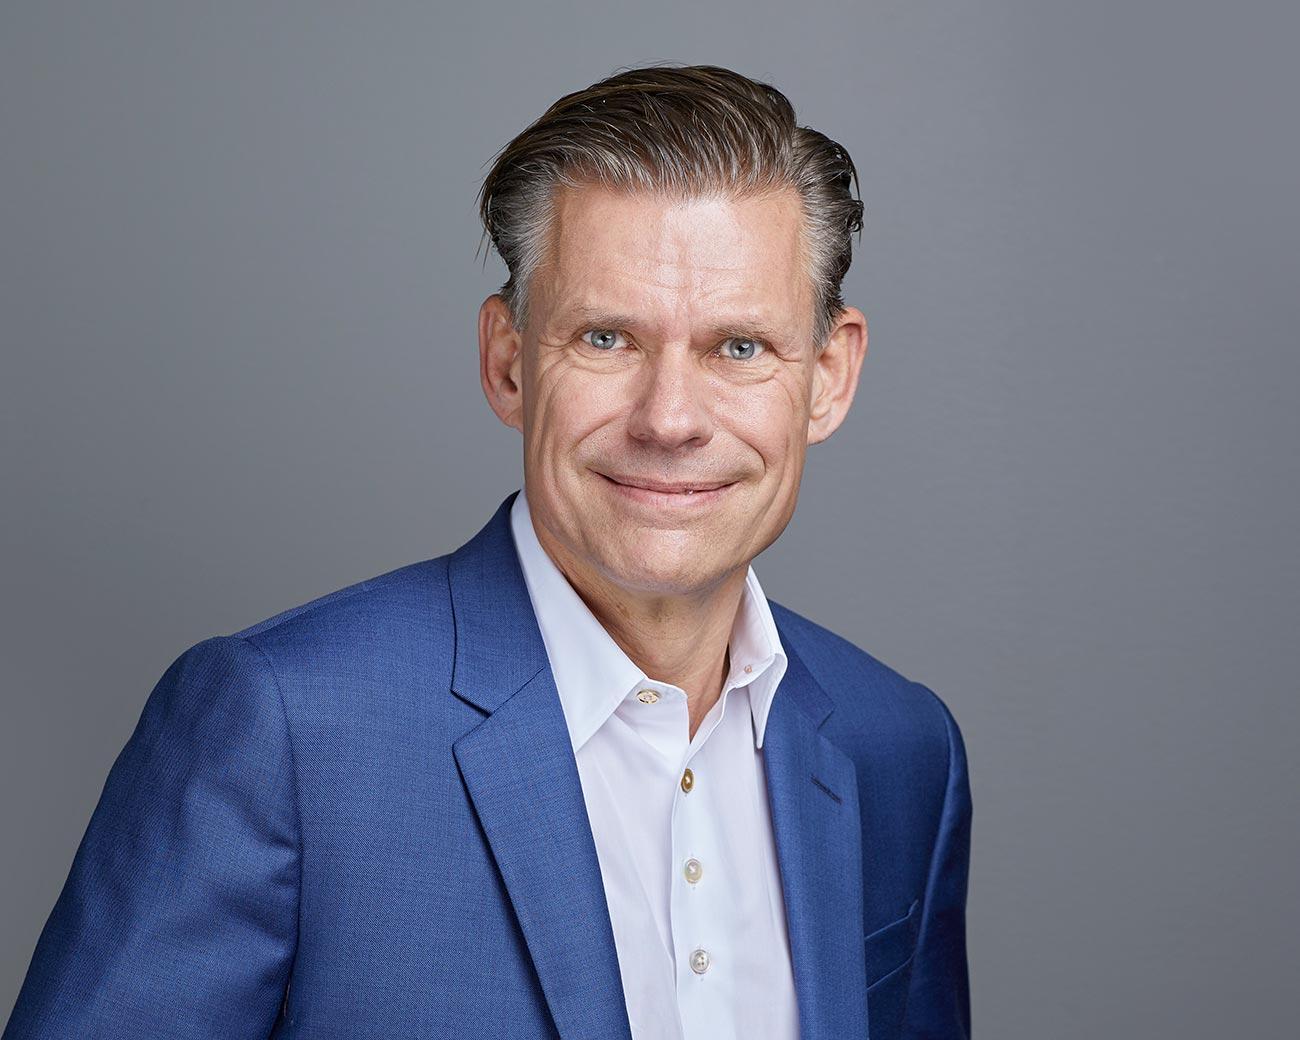 Jørgen Utzon, CEO of Coor in Denmark